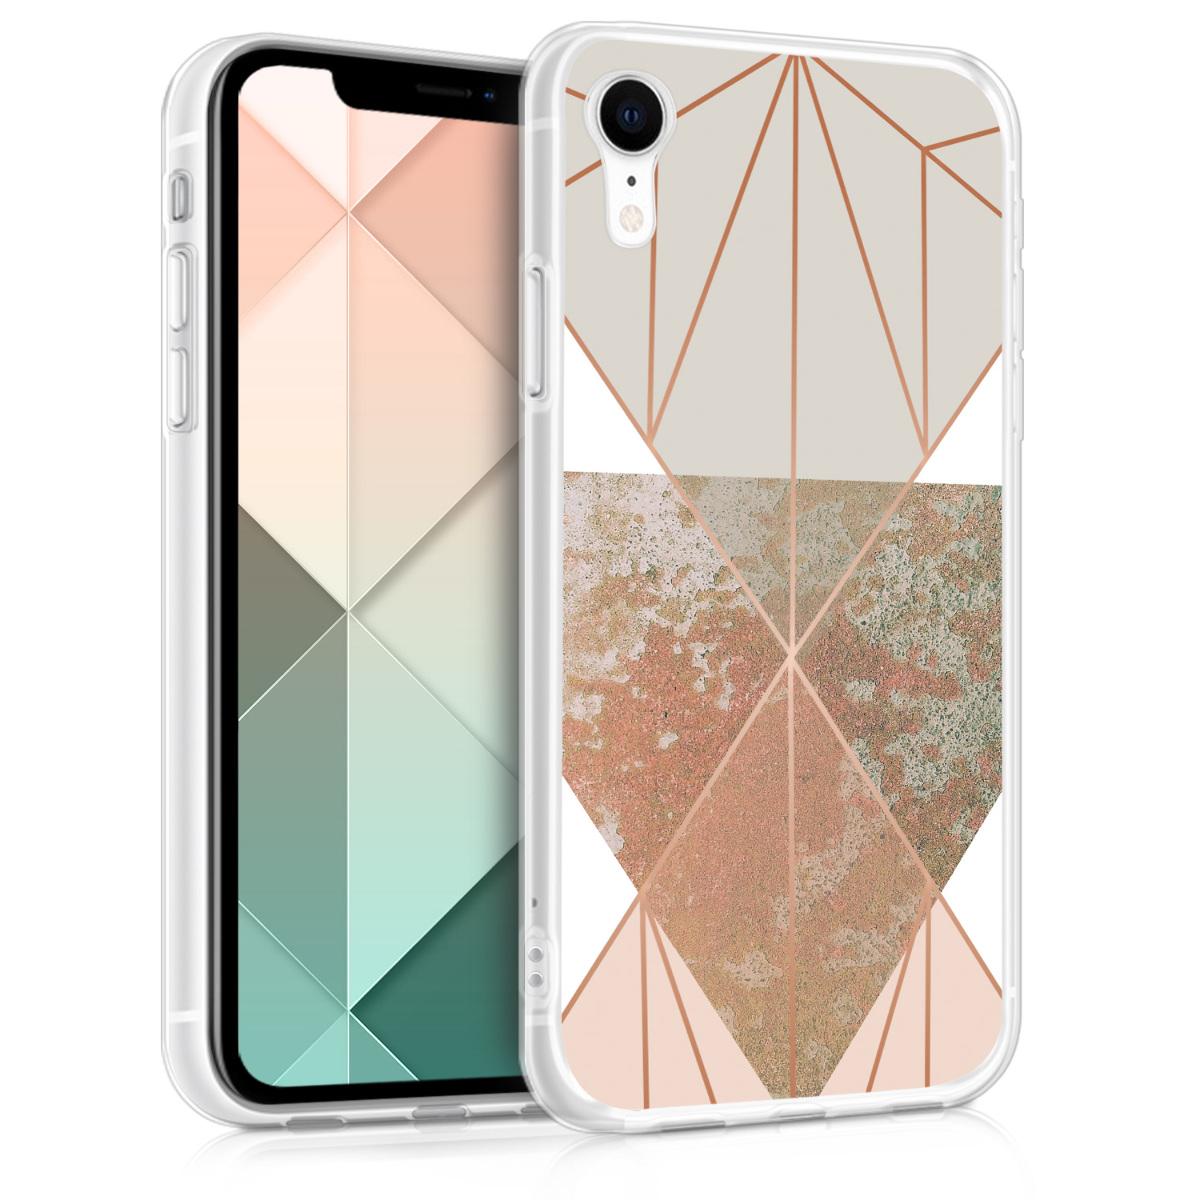 Kvalitní silikonové TPU pouzdro pro Apple iPhone XR - Trojúhelníkové tvary Beige | Rose Gold | White